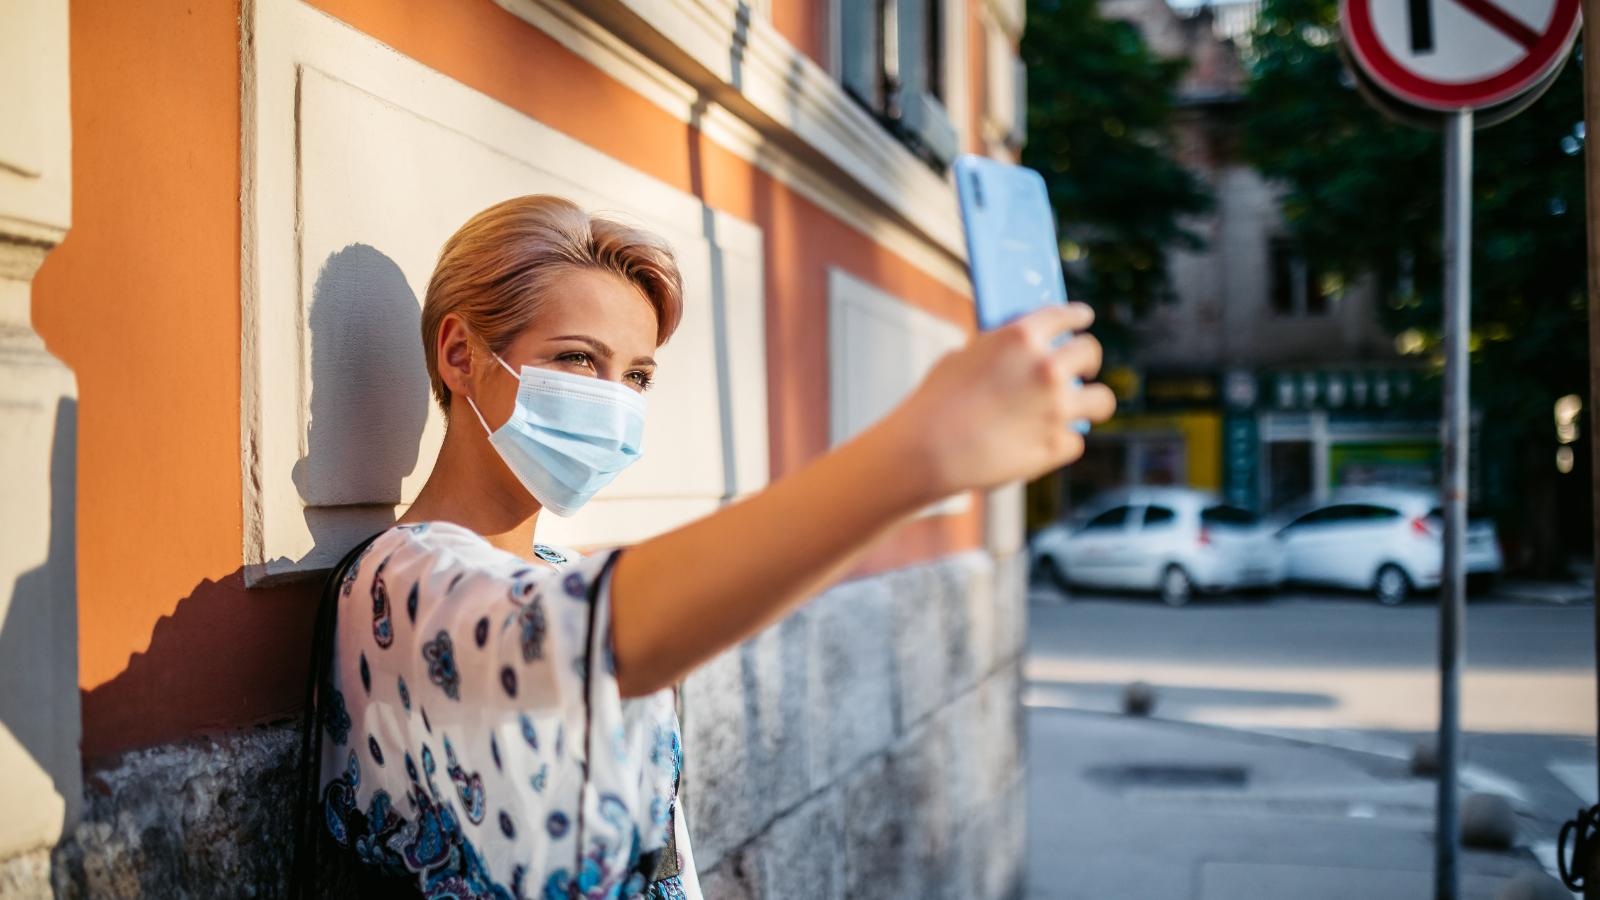 Nainen ottaa puhelimella selfietä seinän edessä kasvomaski naamalla.